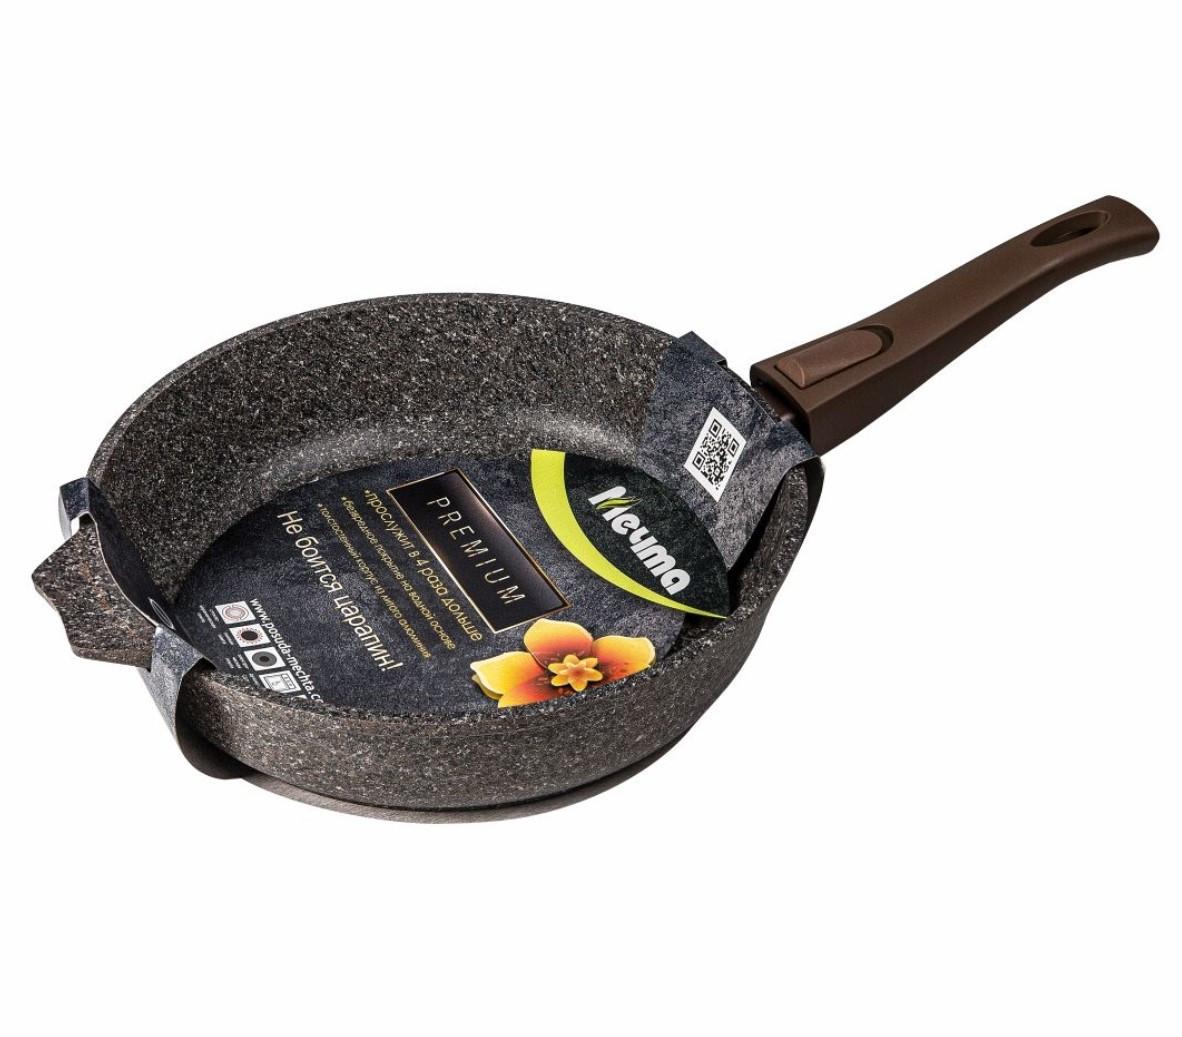 """Cковорода Мечта """"Premium"""" (mokko) 22 см. со съемной ручкой"""